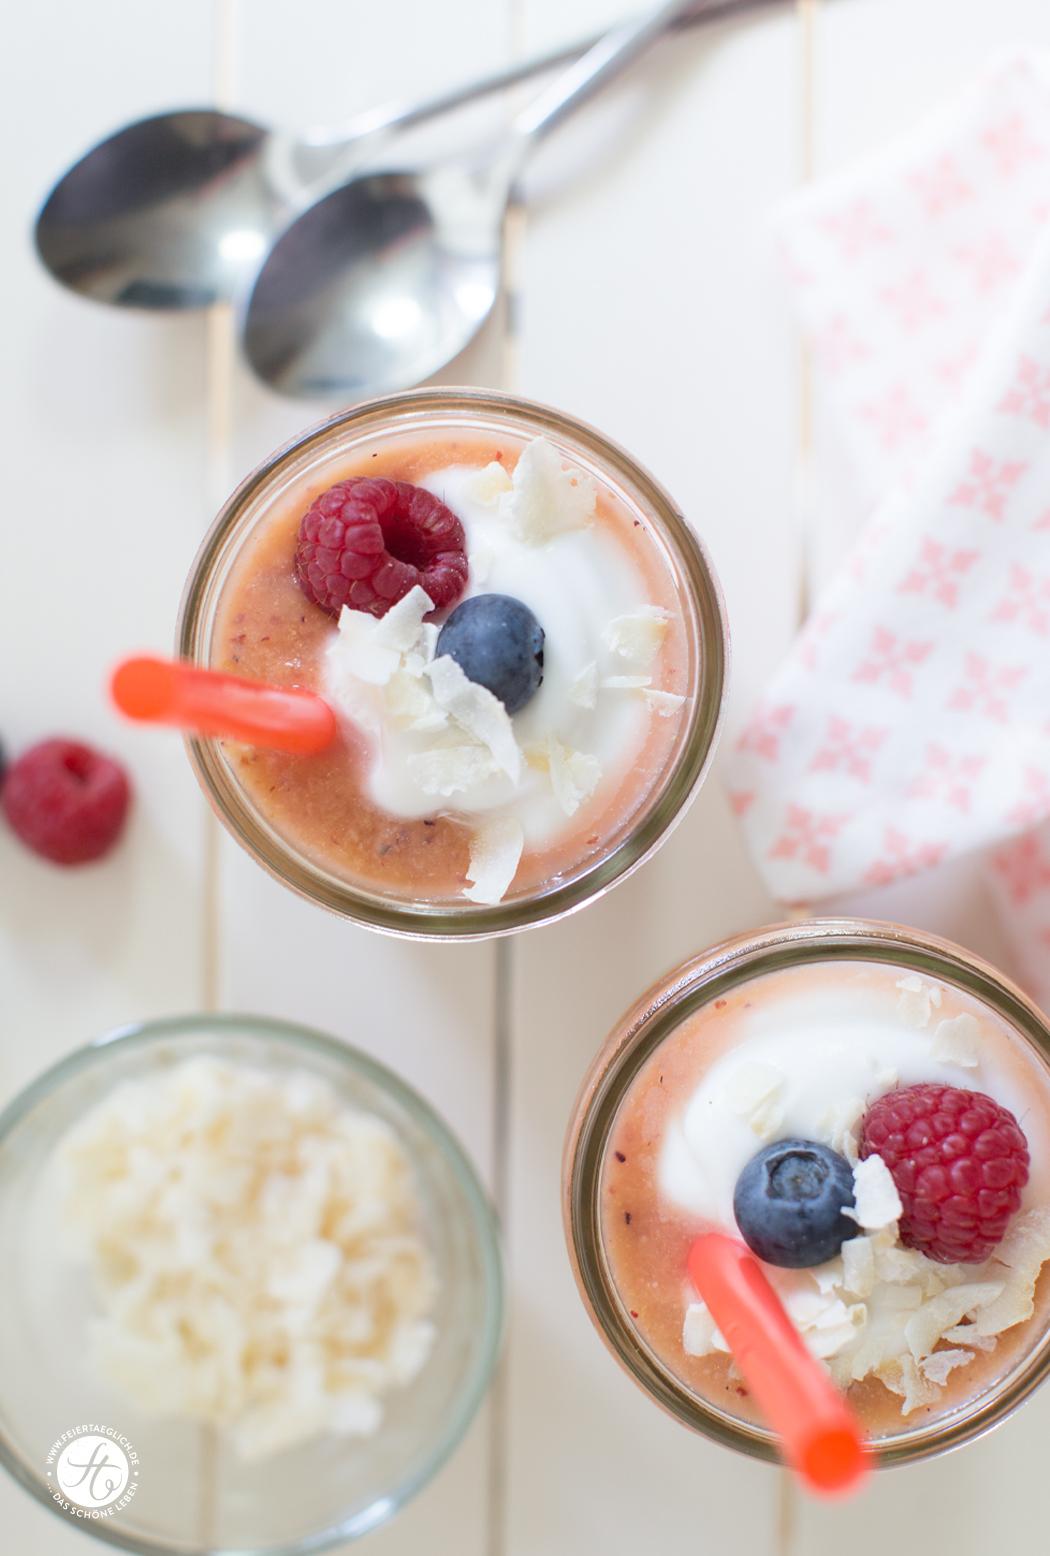 Rezept für einen fruchtigen Beeren-Apfel-Orange-Kokos-Smoothie mit Kokosjoghurt, Hsppy Easter